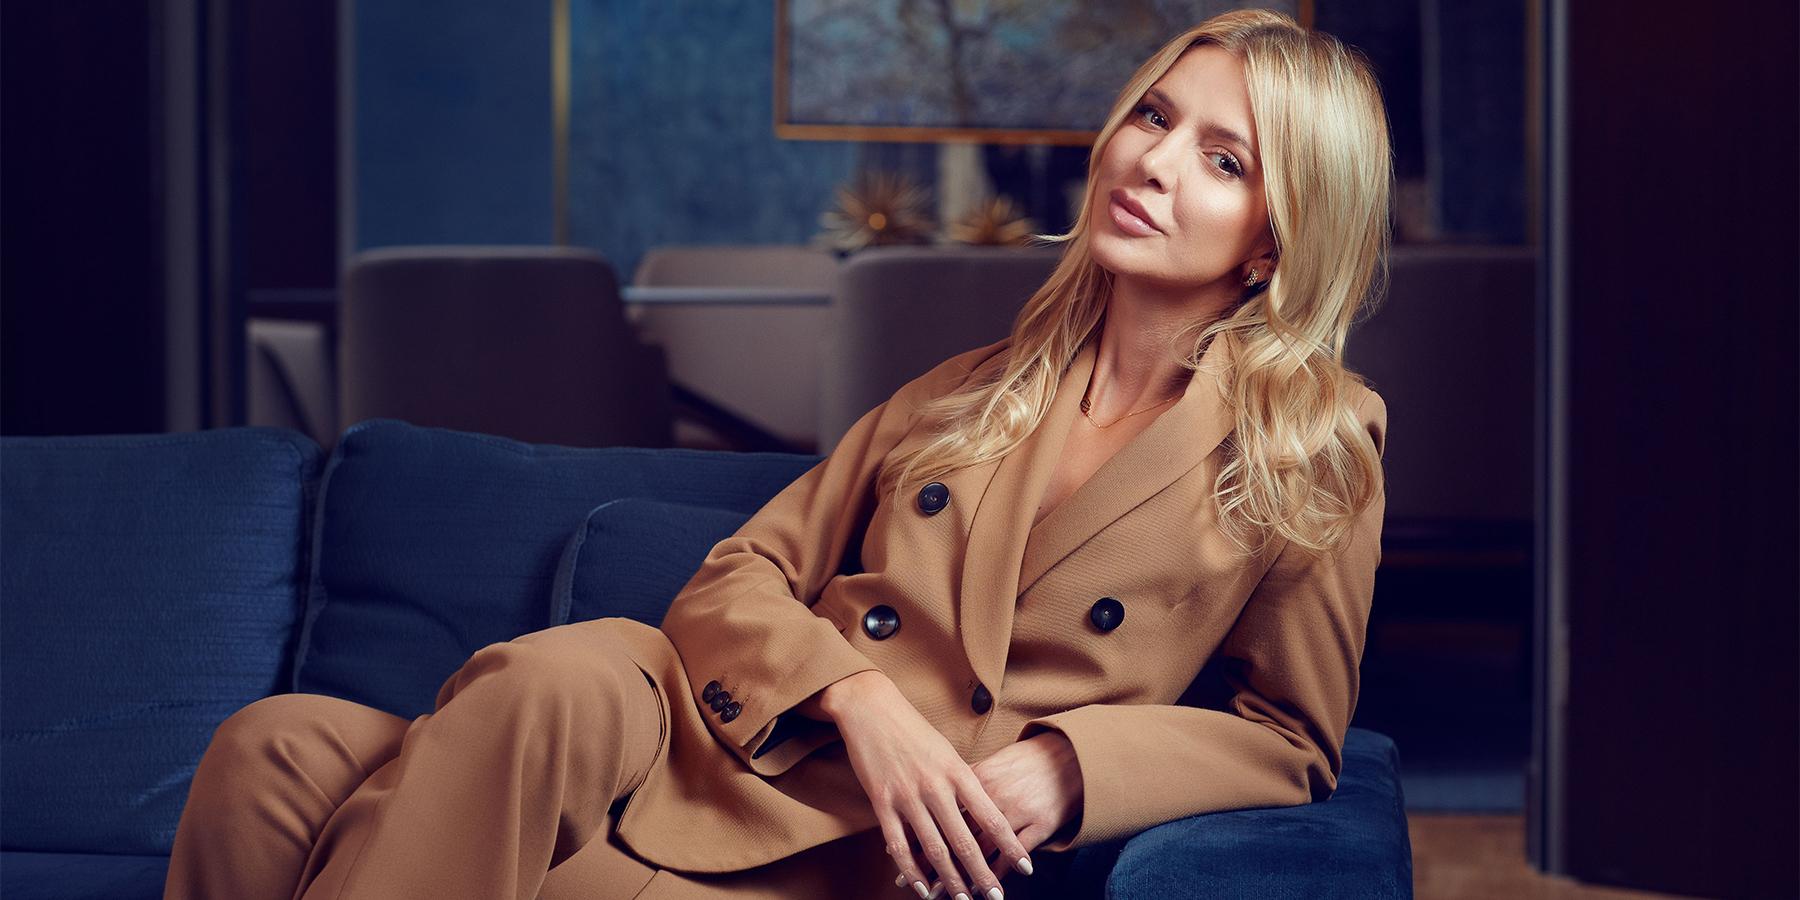 Spełniła swój amerykański sen, apotem wróciła doPolski, bystworzyć Netflix naubrania. Takpowstała pierwsza wEuropie, internetowa wypożyczalnia ubrań E-Garderobe.com.